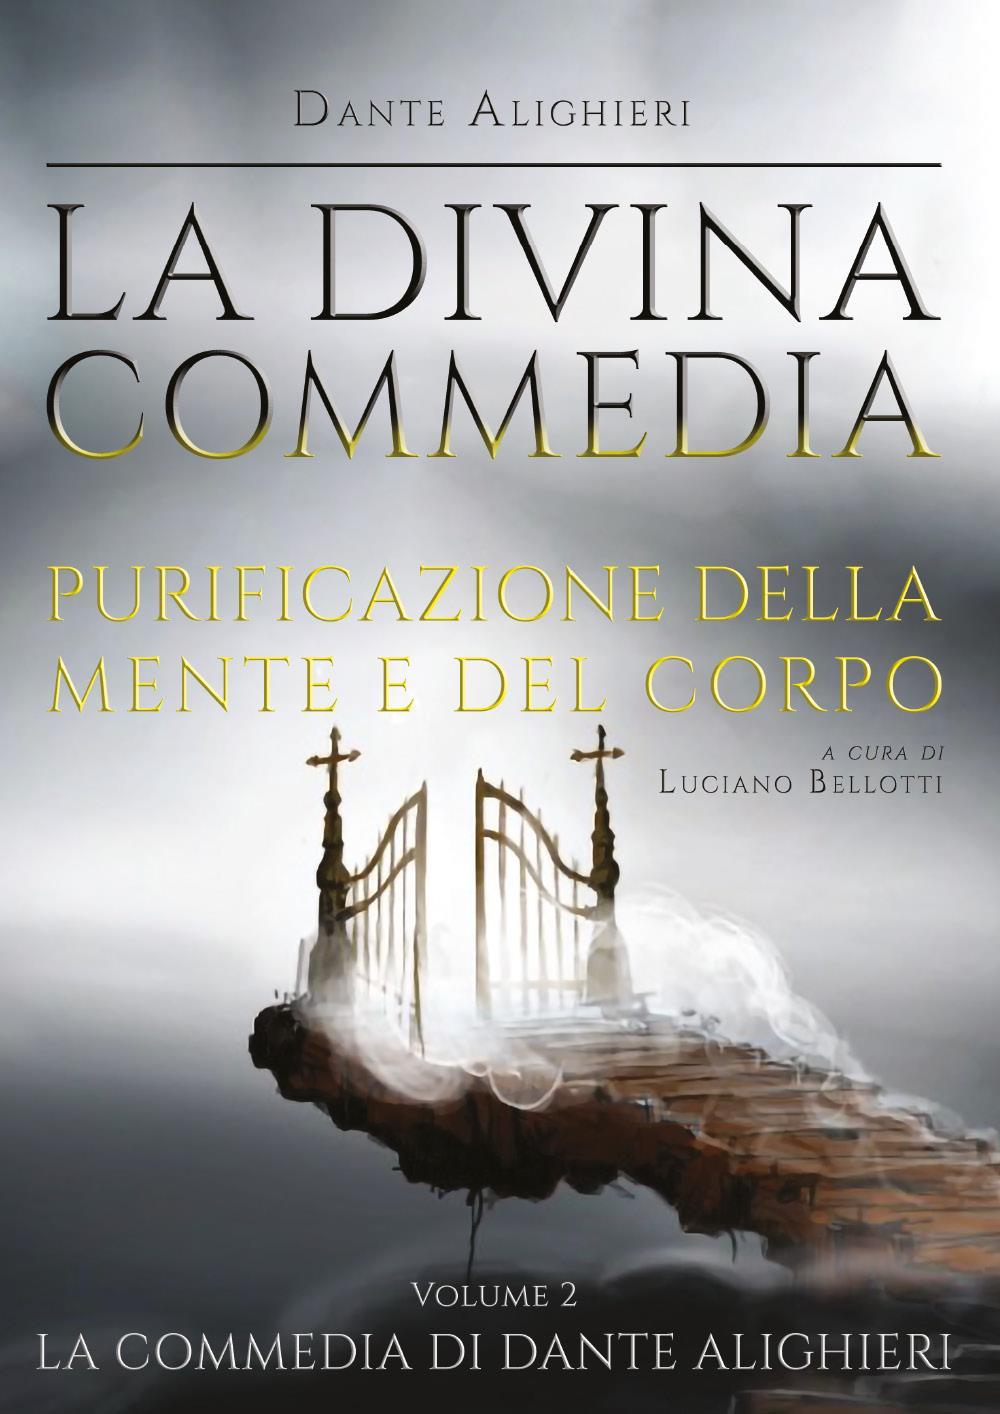 La Divina Commedia - Purgatorio